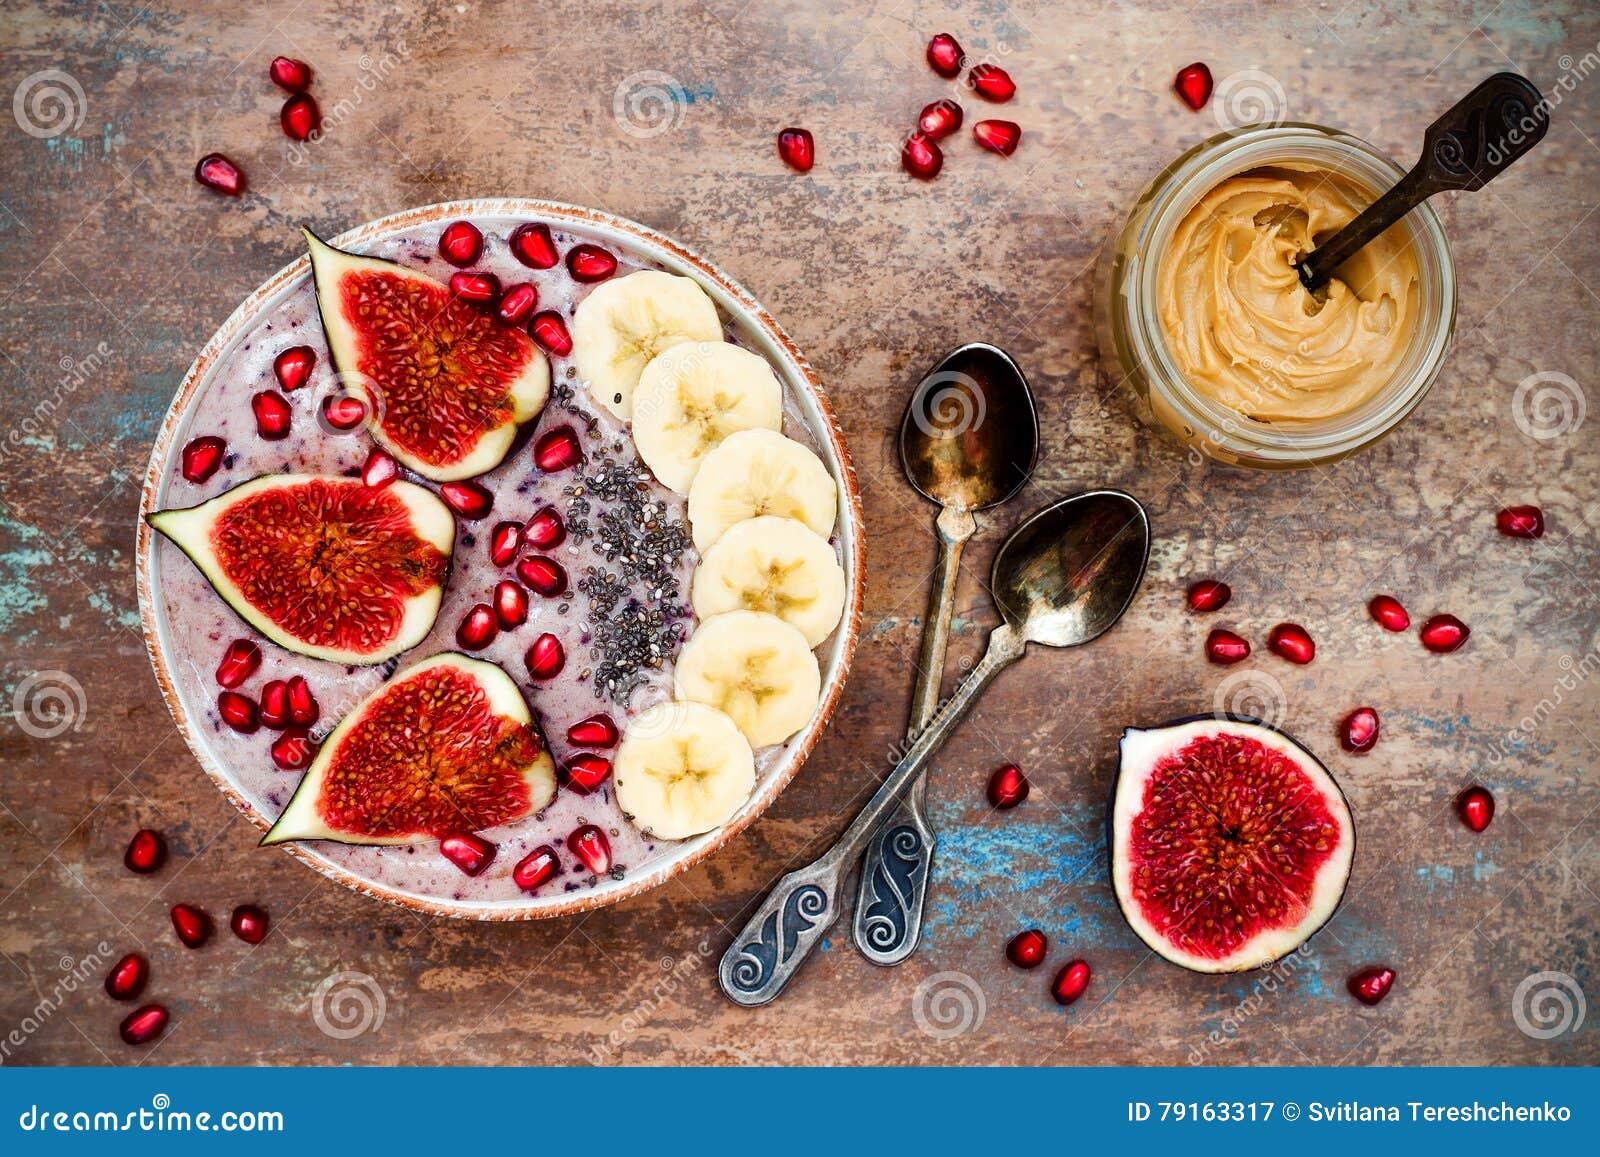 秋天和冬天早餐集合 Acai superfoods圆滑的人滚保龄球与chia种子,石榴,香蕉,新鲜的无花果,榛子黄油